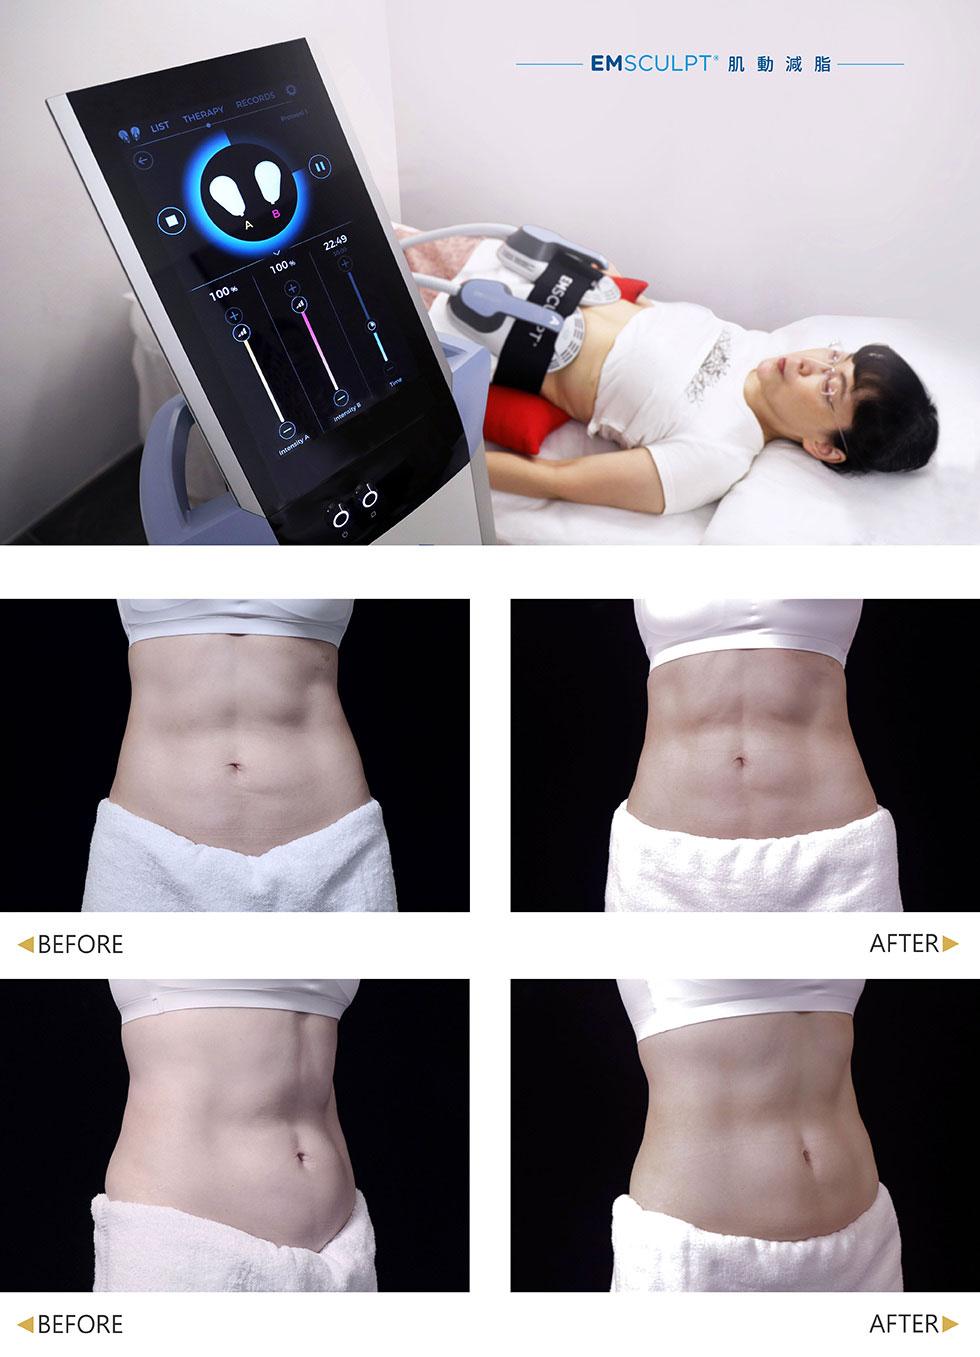 盧靜怡院長除平時勤於運動再經六次肌動減脂療程後,腹部線條更加明顯清晰,每次療程都明顯感受到肌肉增長及線條變化